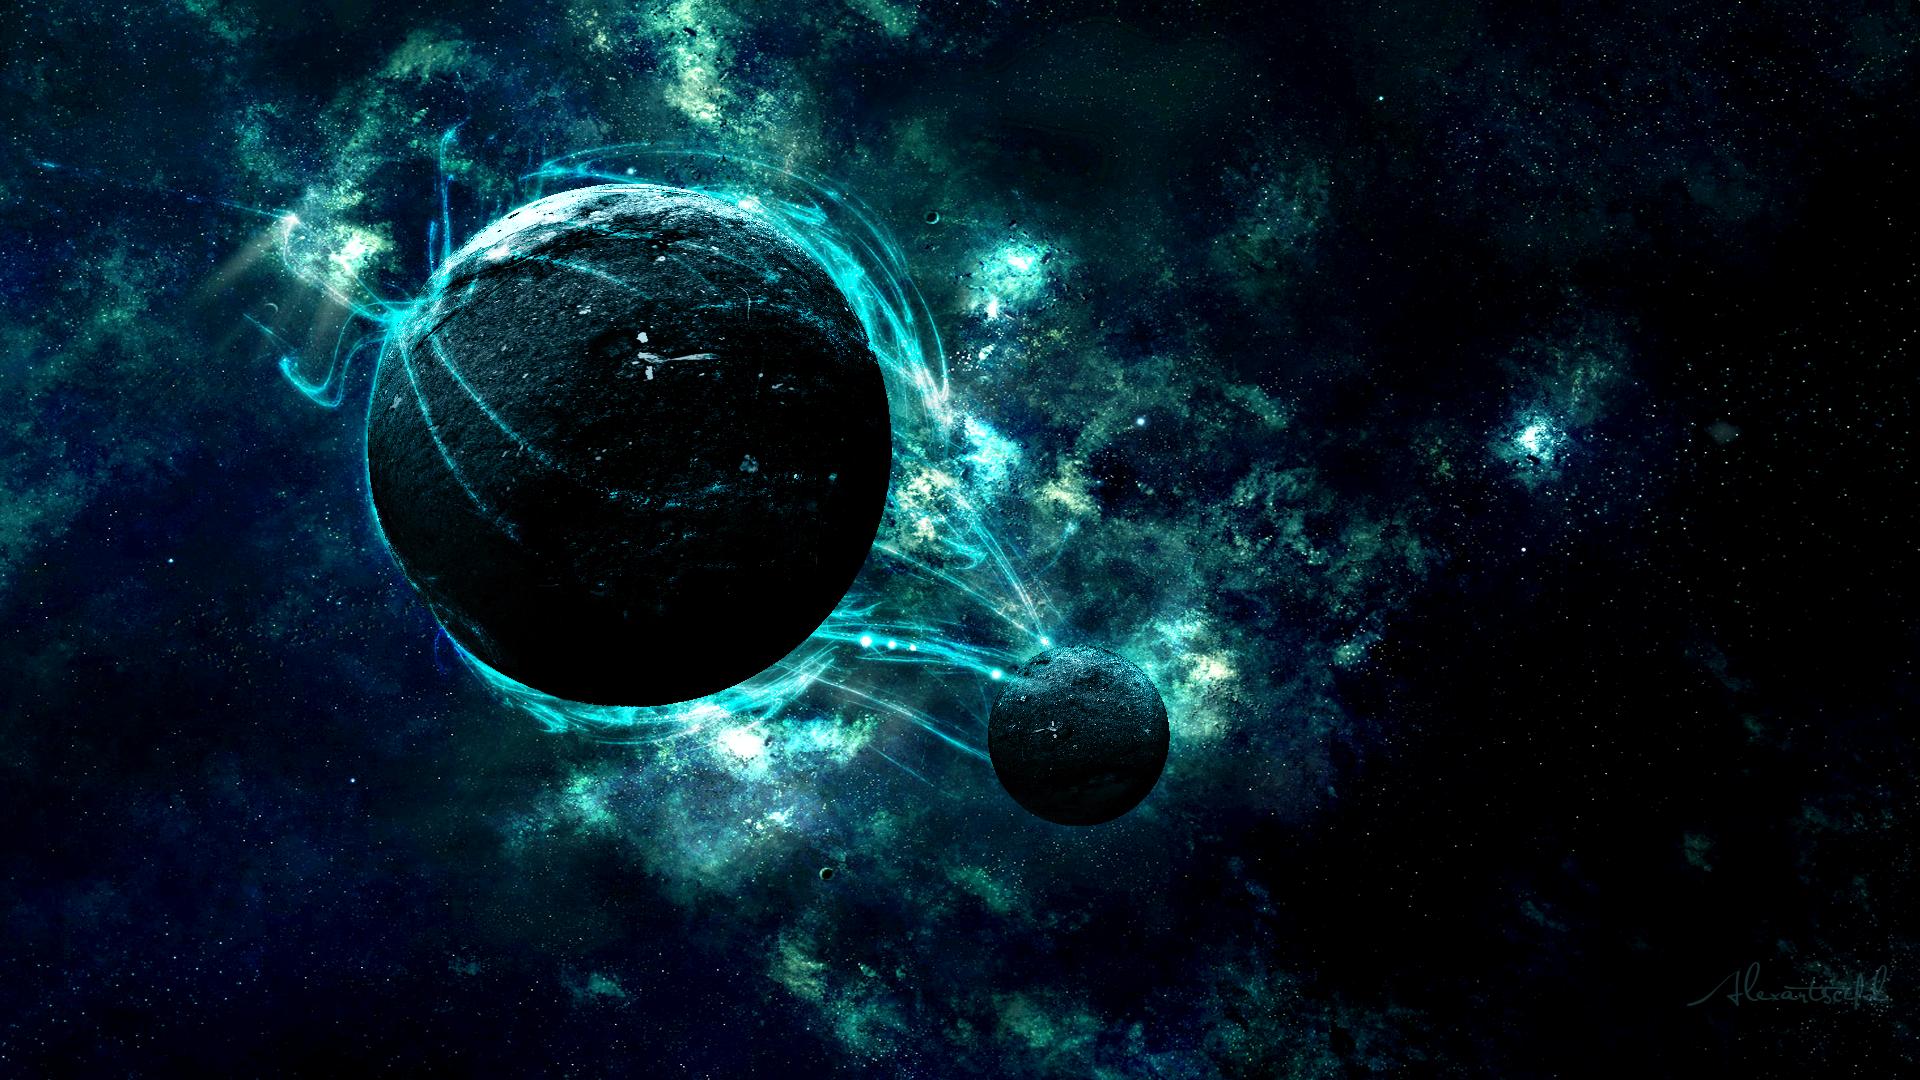 Обои Планеты и туманности картинки на рабочий стол на тему Космос - скачать  № 3551789  скачать